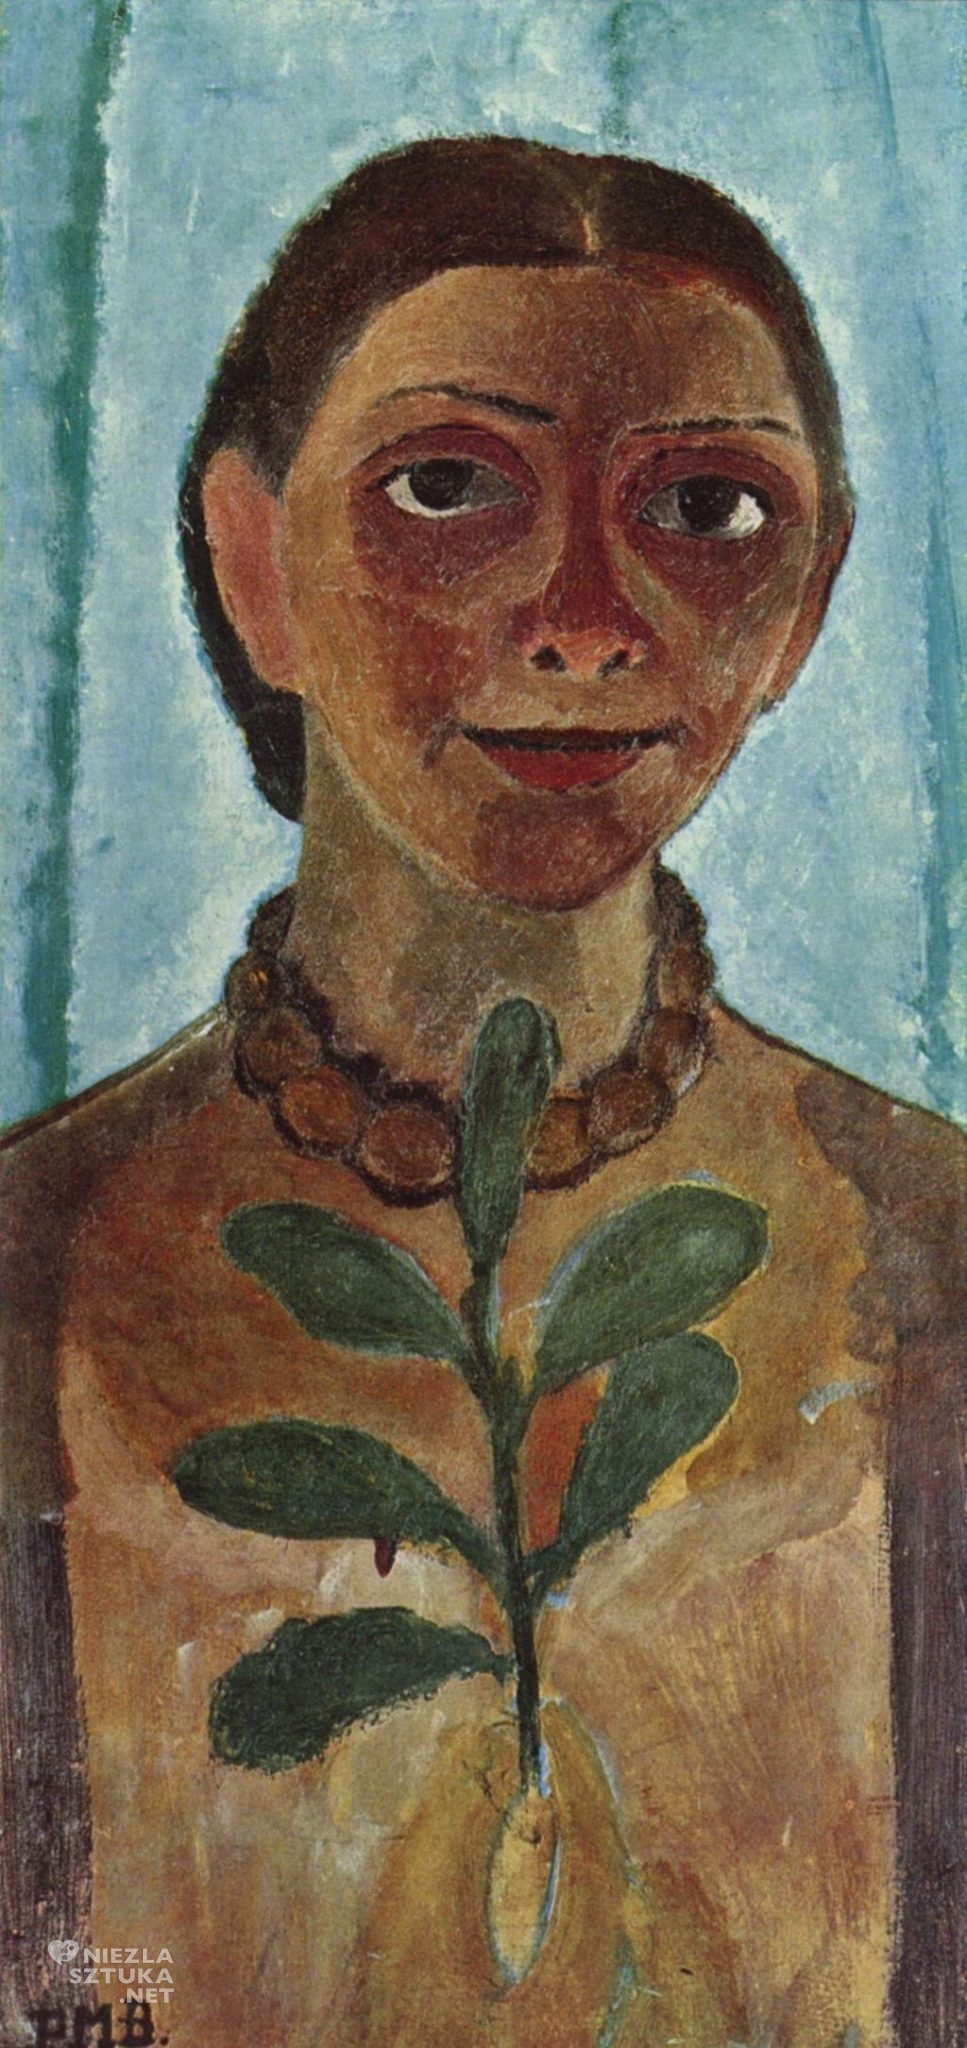 Paula Modersohn-Becker, Autoportret , niemieckie malarstwo, ekspresjonizm, Niezła sztuka